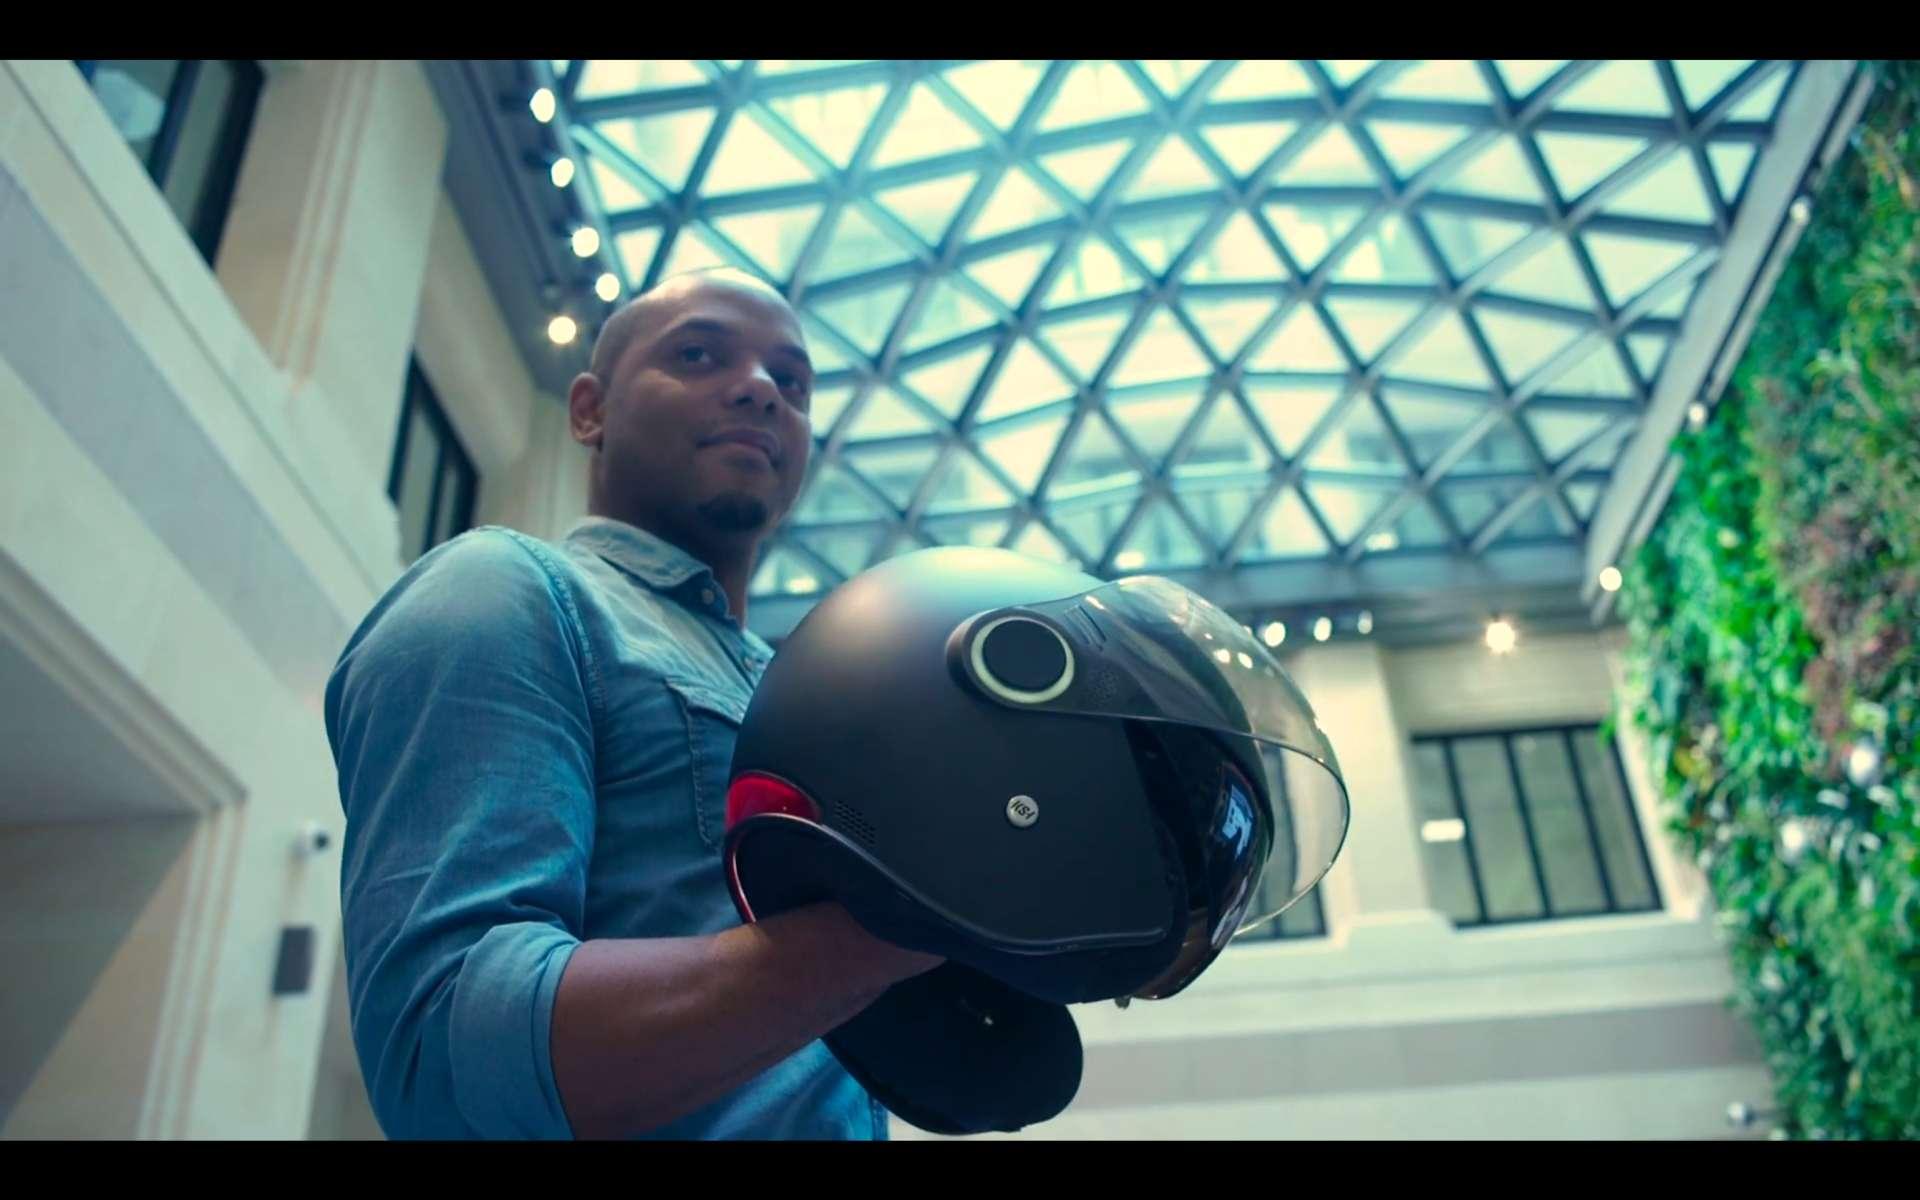 Kevin Ravi, le créateur de KSH (Kosmos Smart Helmets) présente son casque connecté et sécurisé. © Courtesy of KSH